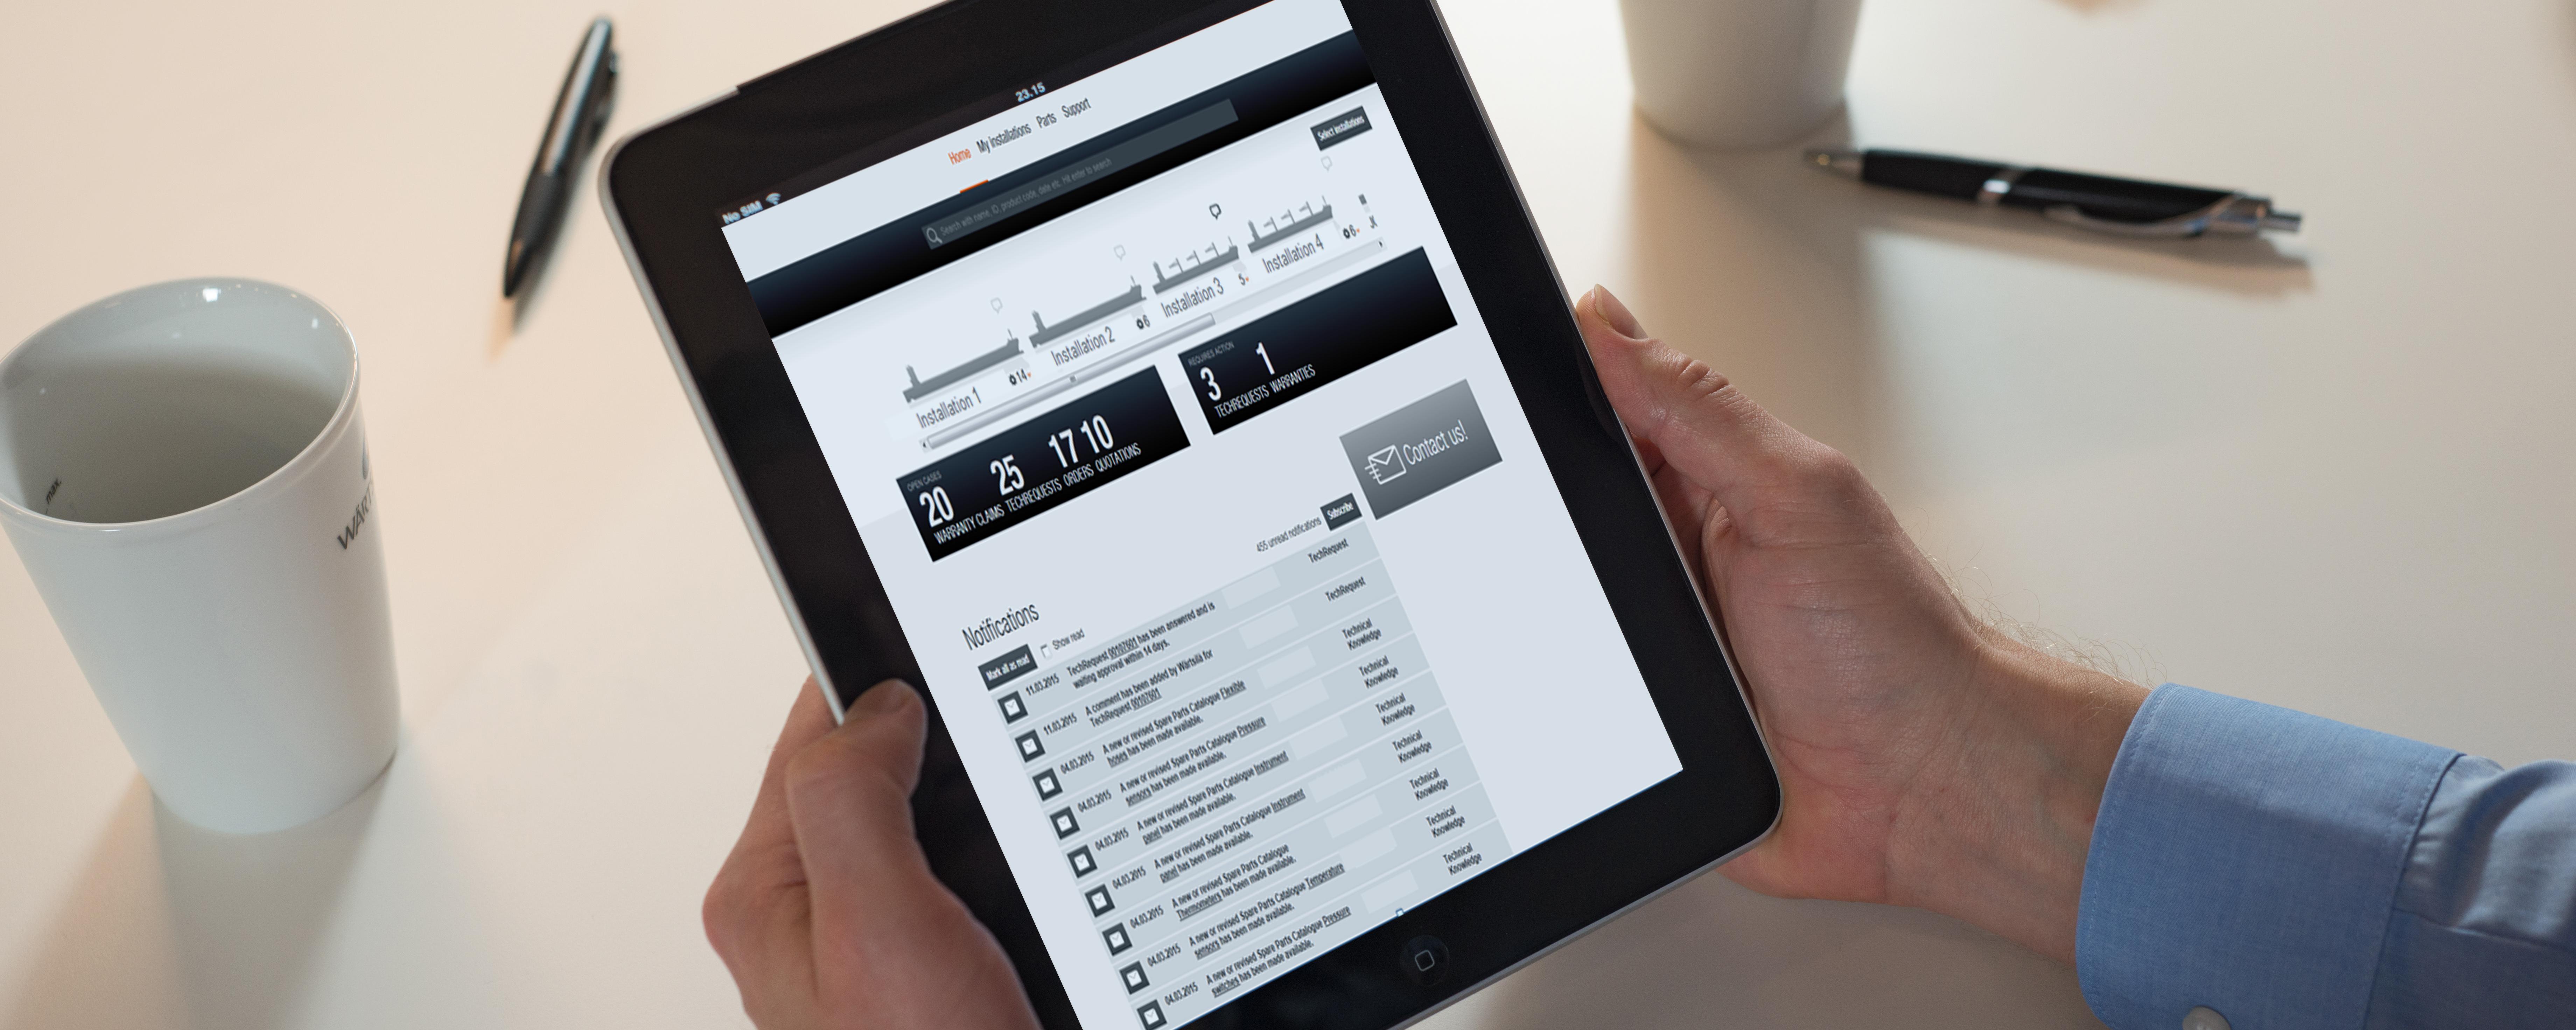 Wärtsilä Online Services